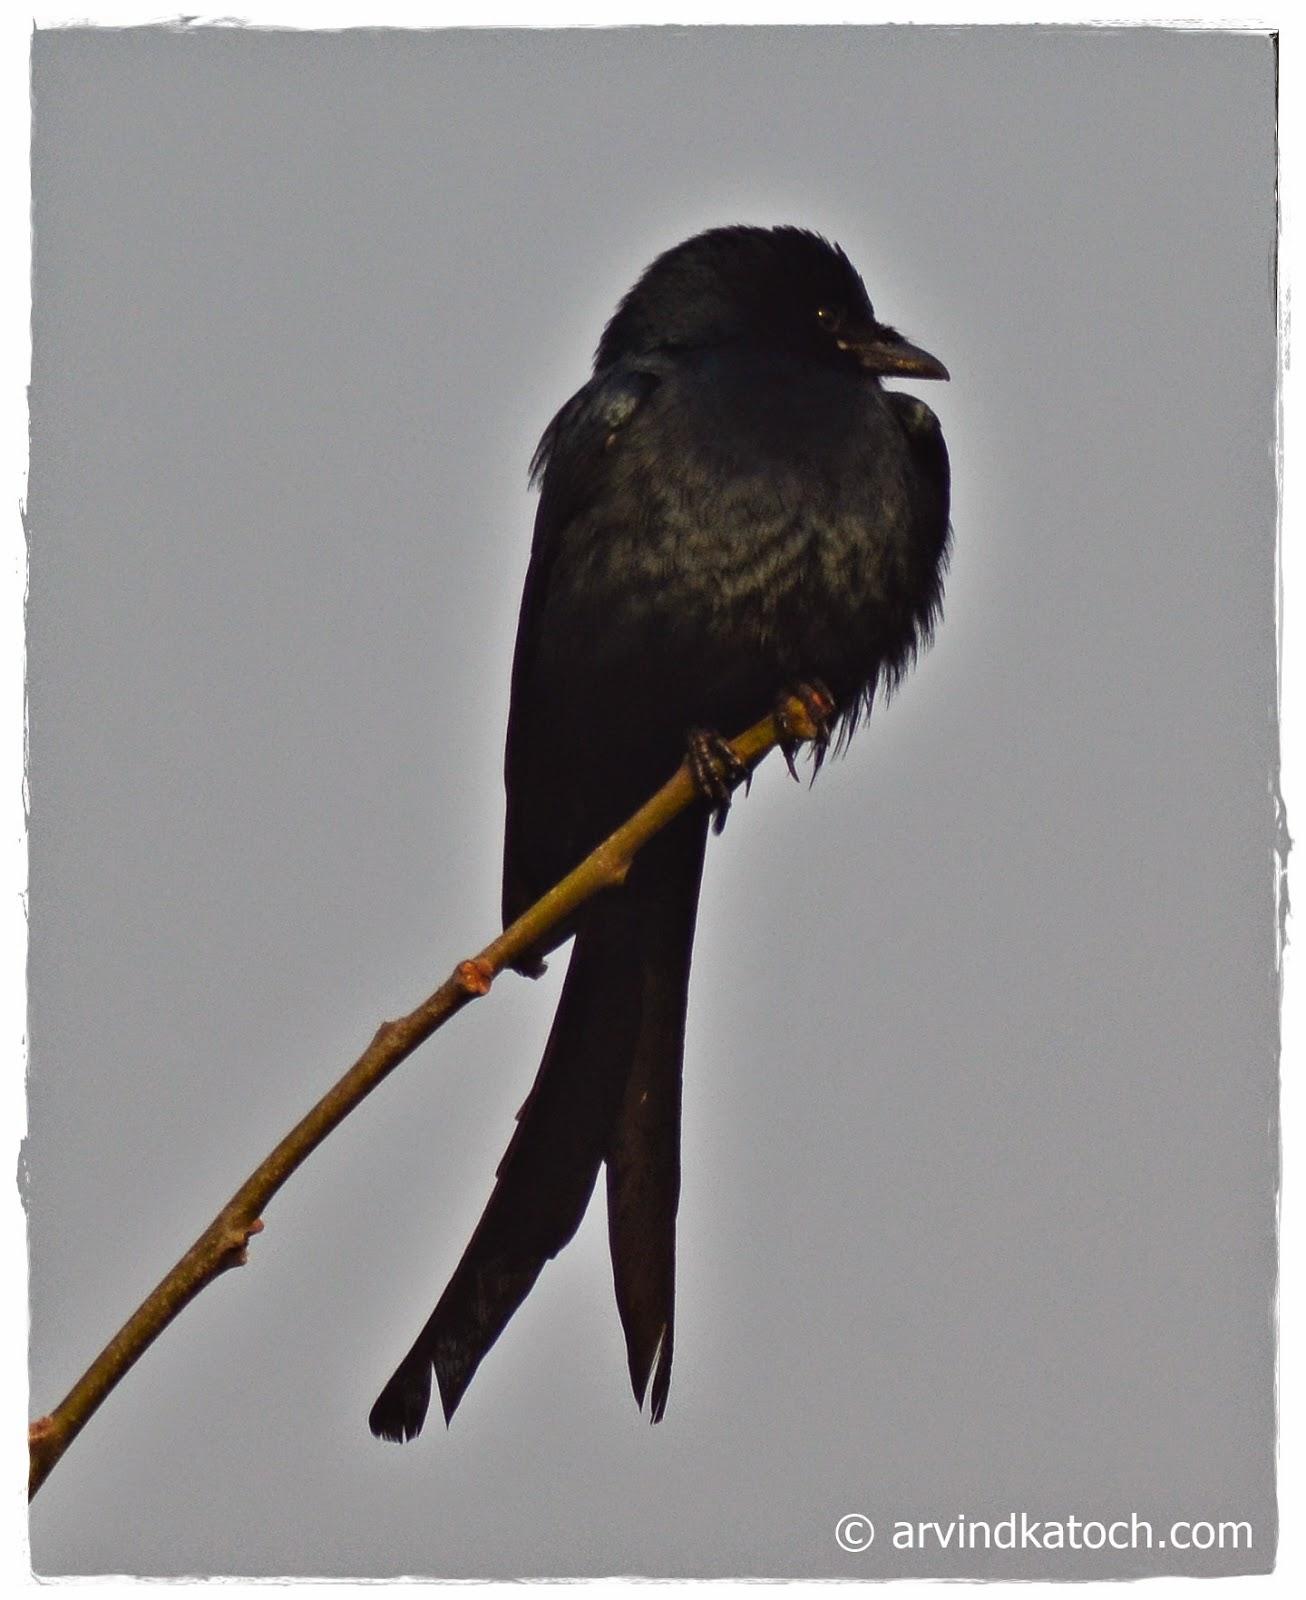 Black Drongo, Dicrunus Macrocercus, Bird, Punjab